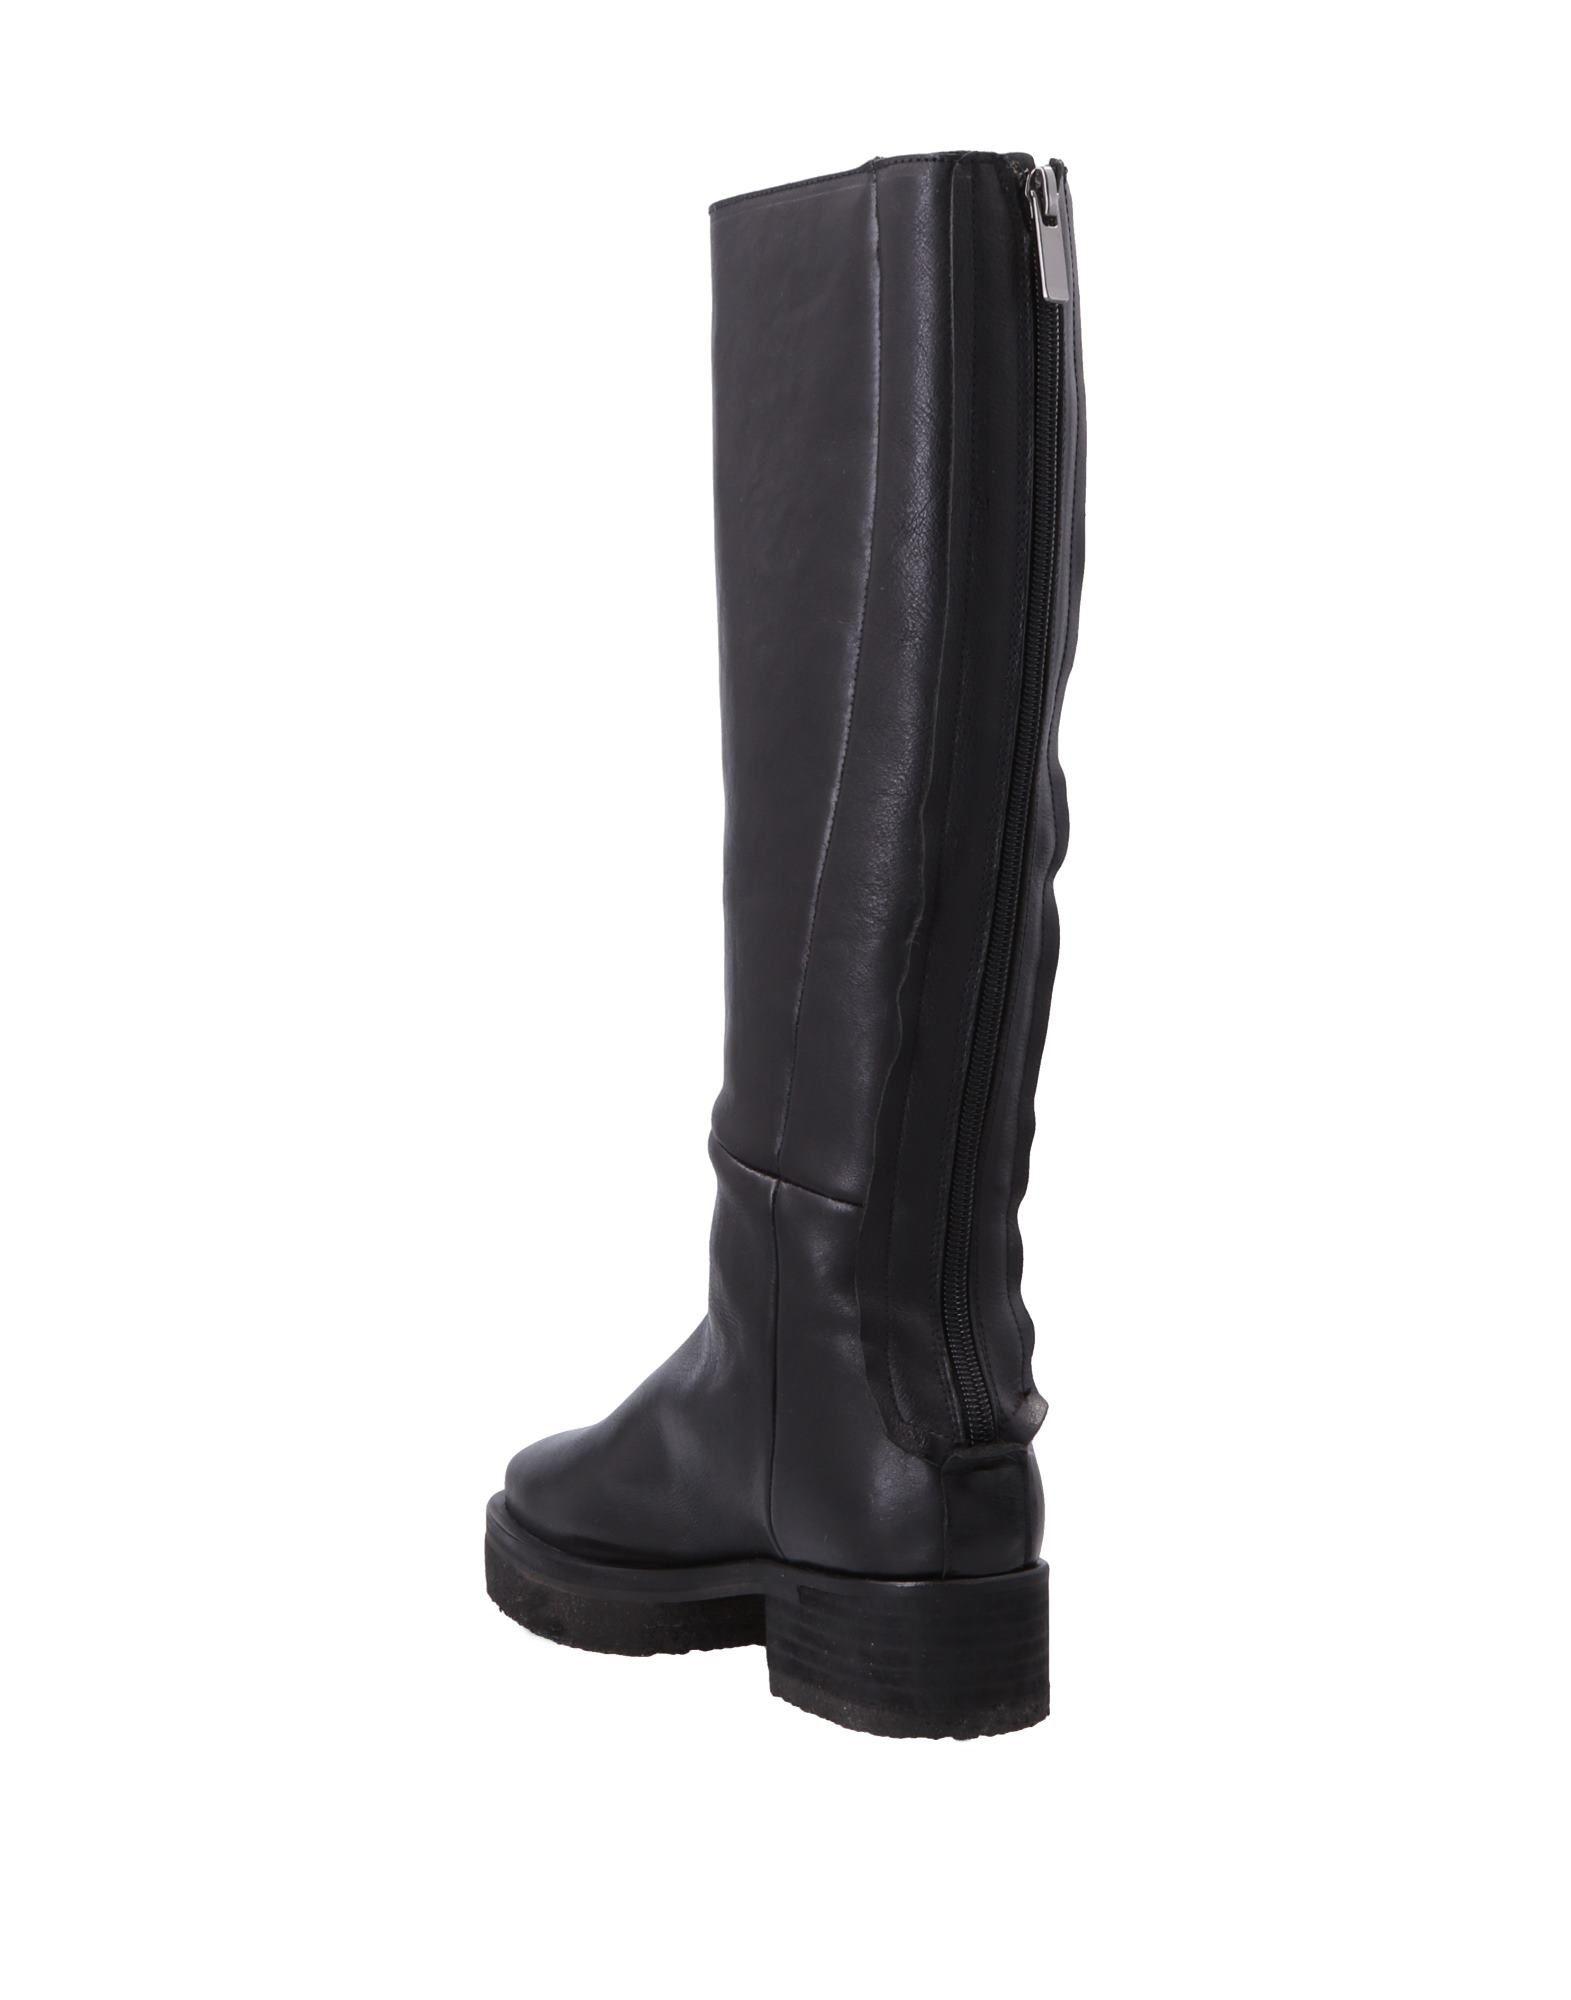 Anaid Kupuri Stiefel Damen  11546147TLGut aussehende strapazierfähige Schuhe